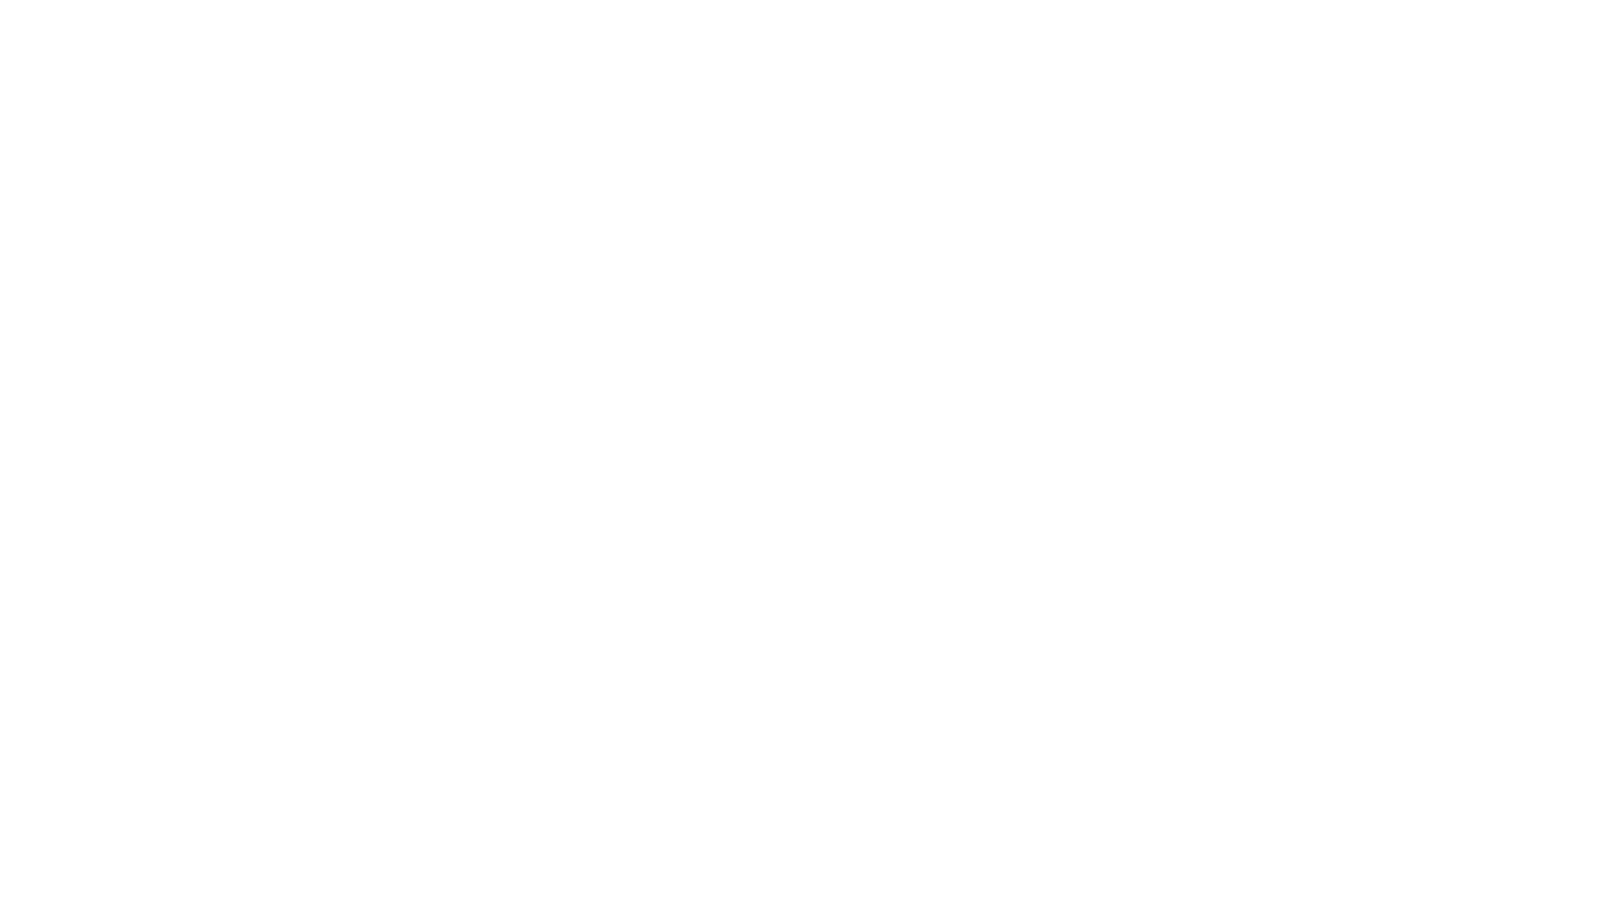 A Bomba D'água Periférica Autoaspirante TPS-60 da Ferrari é ideal para quem sofre com constante falta de água devido a pressão insuficiente para realizar abastecimentos.  Acesse o nosso site e confira Bomba D'água Periférica Autoaspirante TPS-60!  https://bit.ly/3t9366s